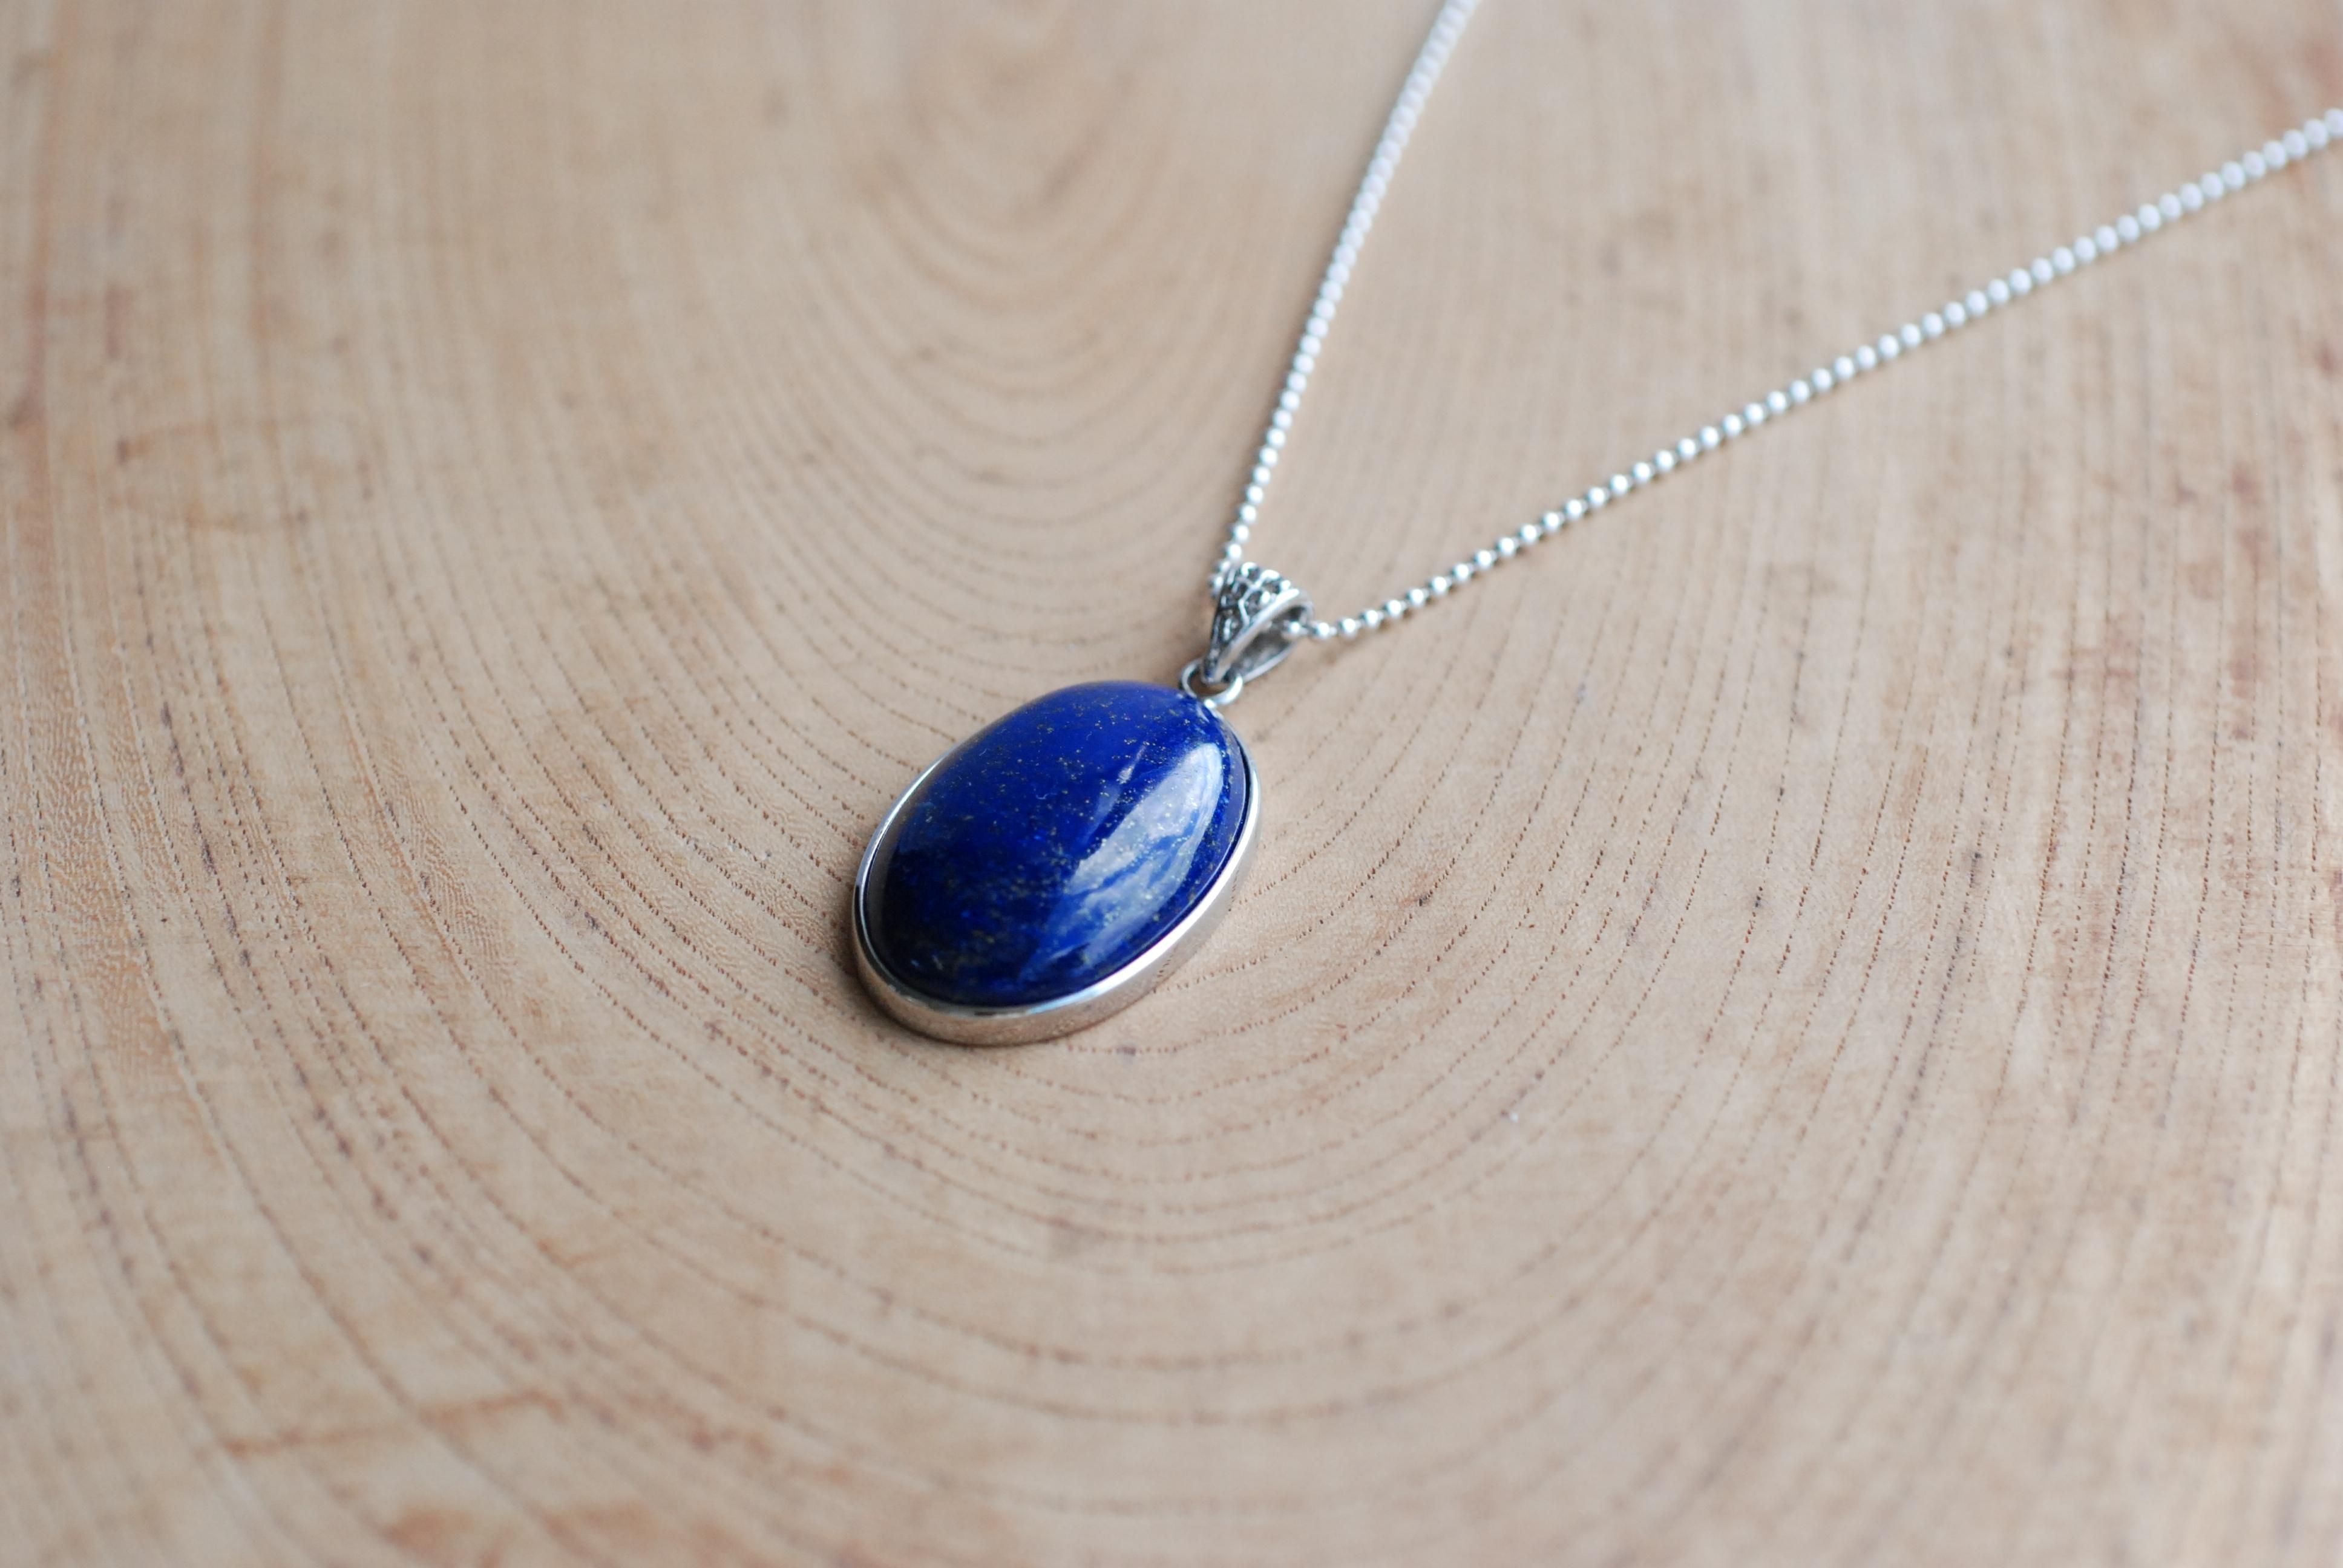 perhiasan lingkaran kalung perhiasan anting-anting aksesoris batu permata lapis lazuli liontin liontin fashion aksesori